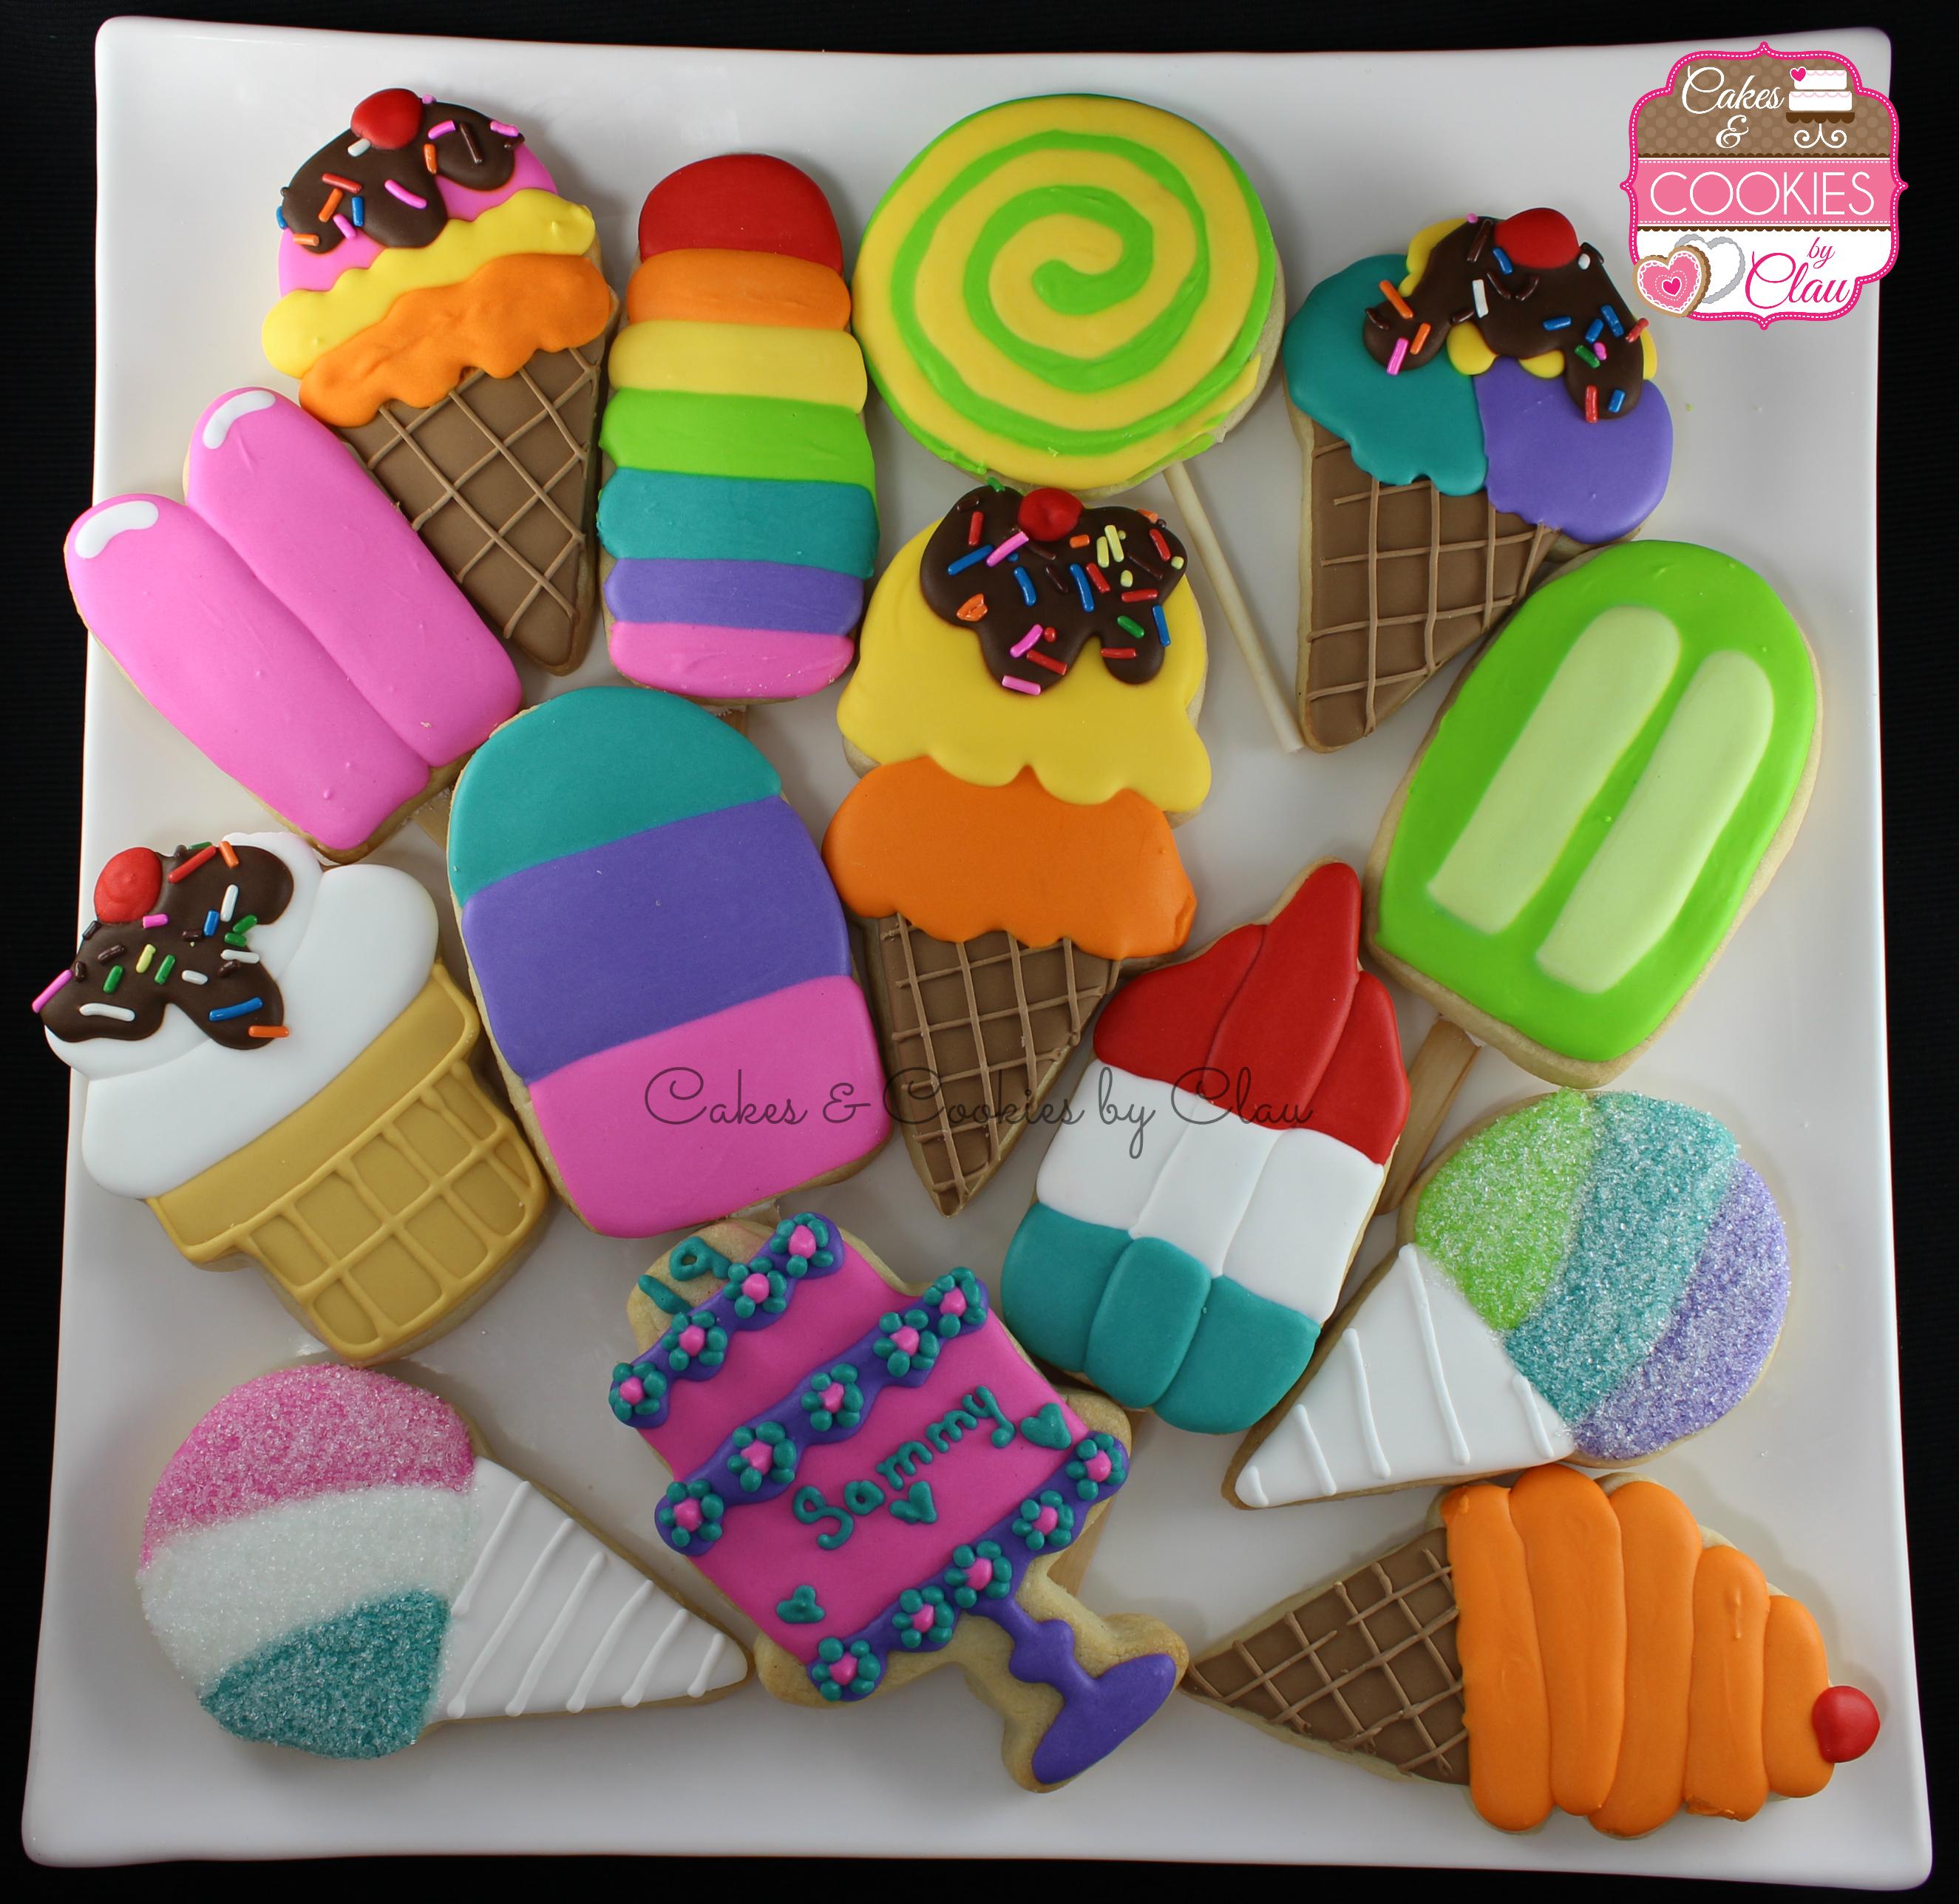 Sammy's Ice Cream Platter